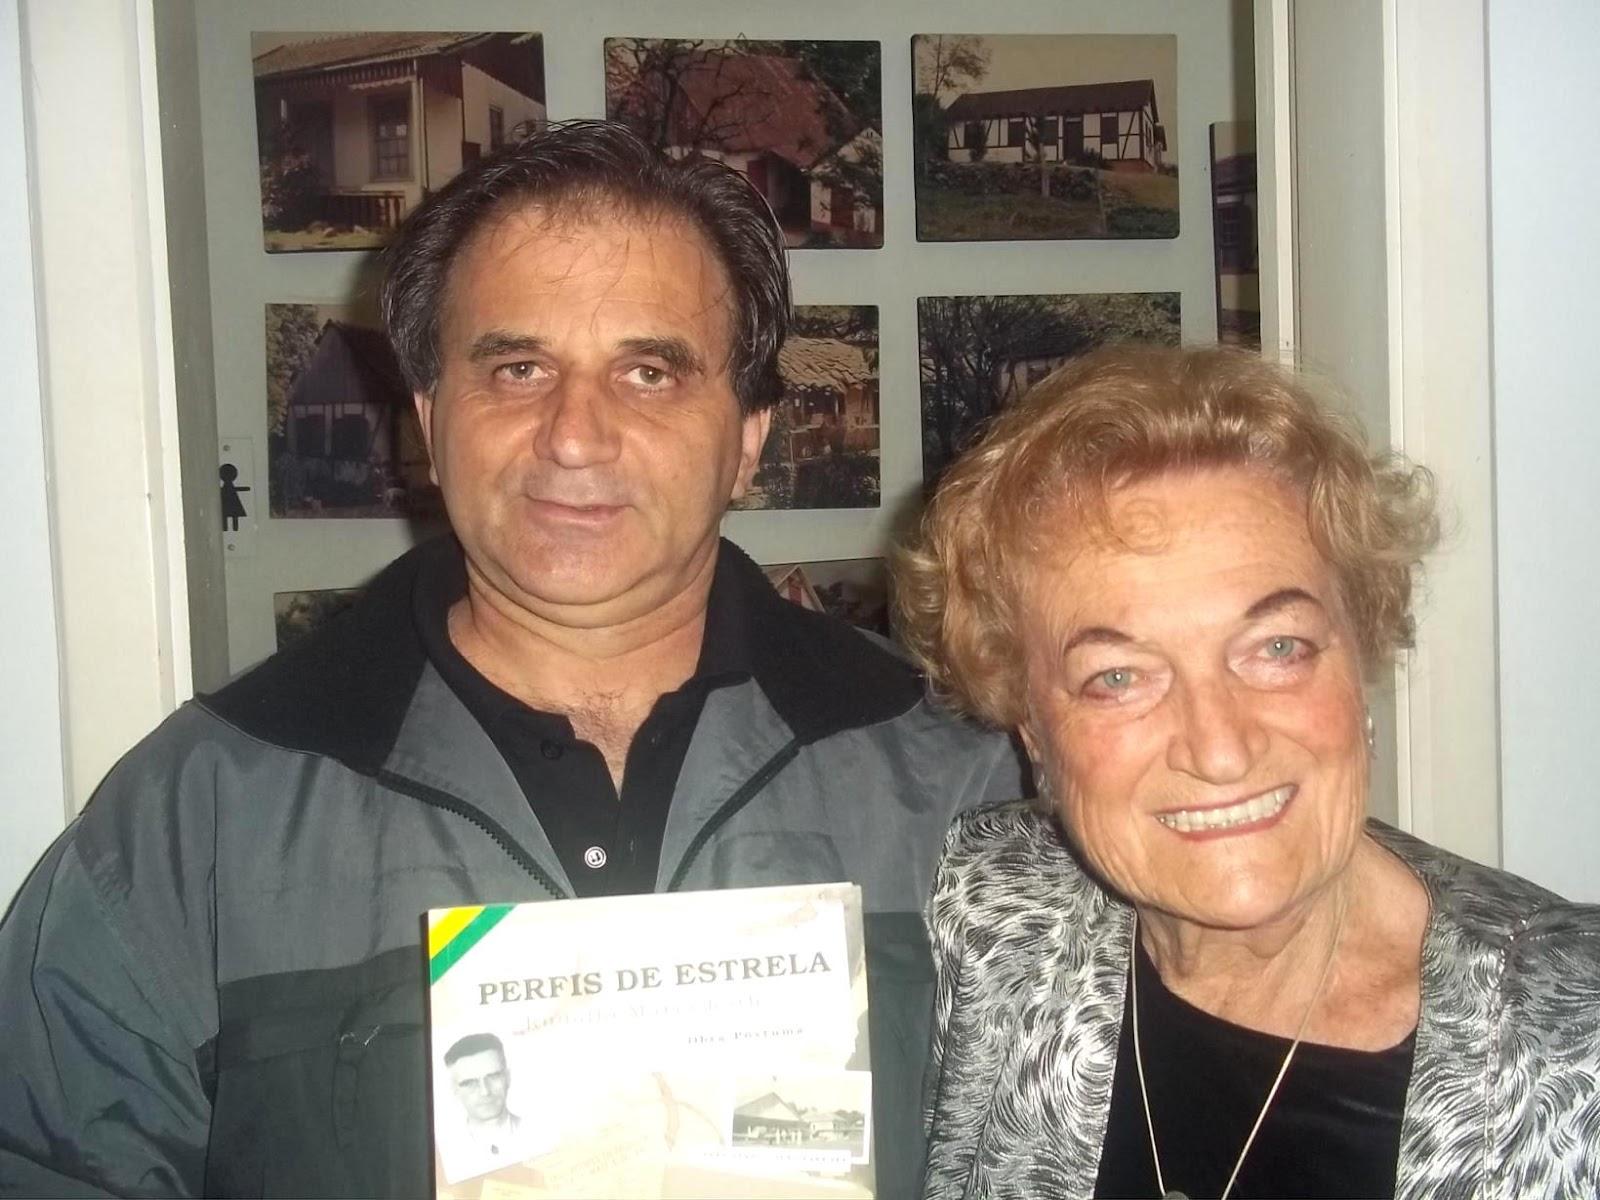 Airton Engster dos Santos e Gisela Schinke